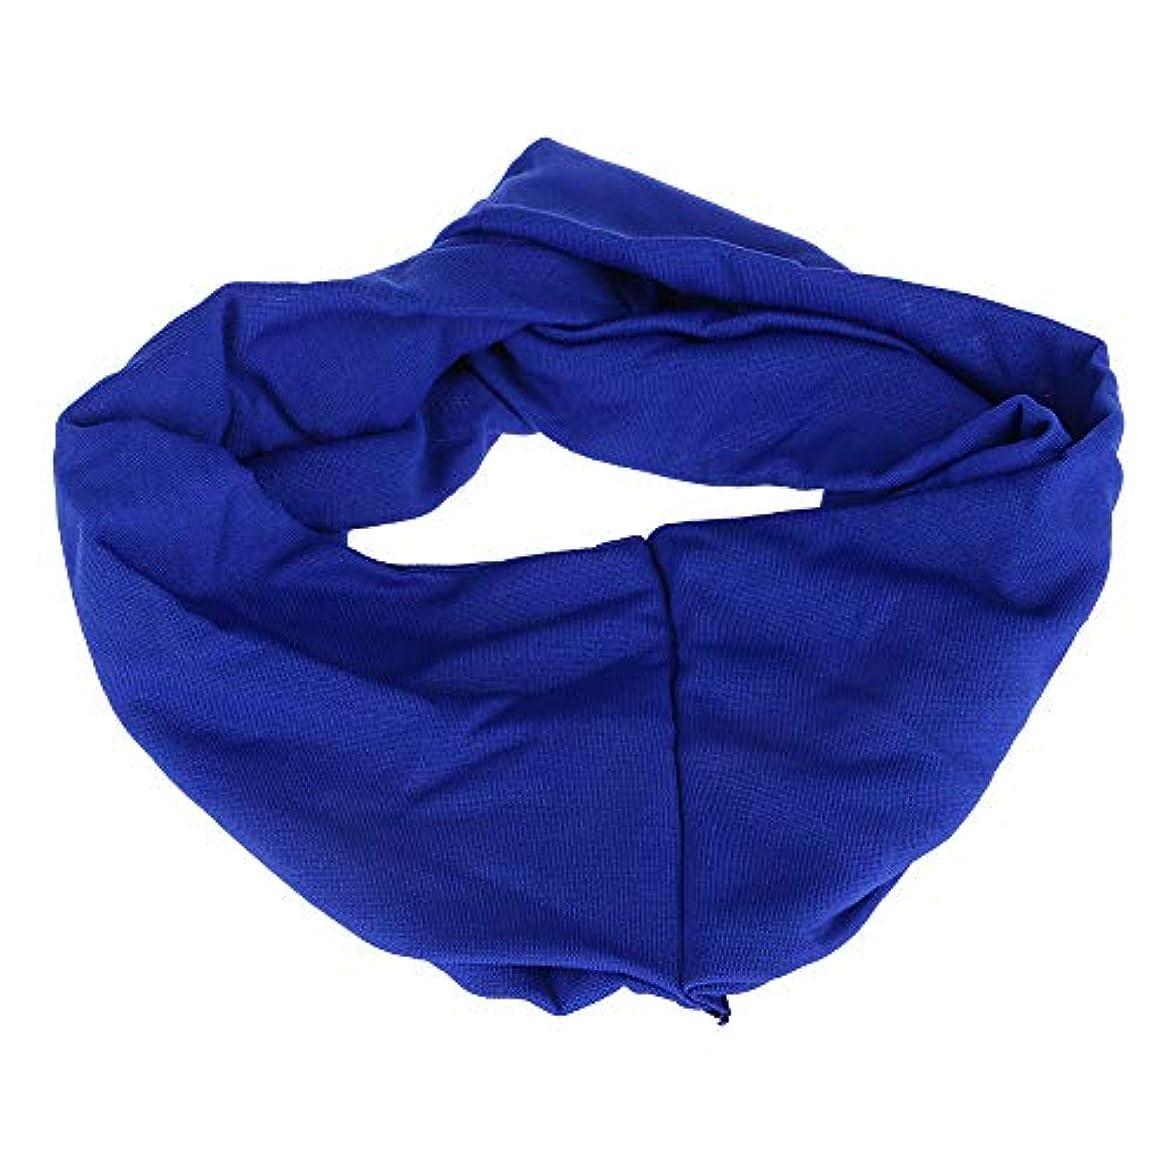 閉じる好む薬局女子 ヘアリボン ワイドヘッドバンド キャンディーカラー ポリ+コットンブレンド スポーツ ブルー